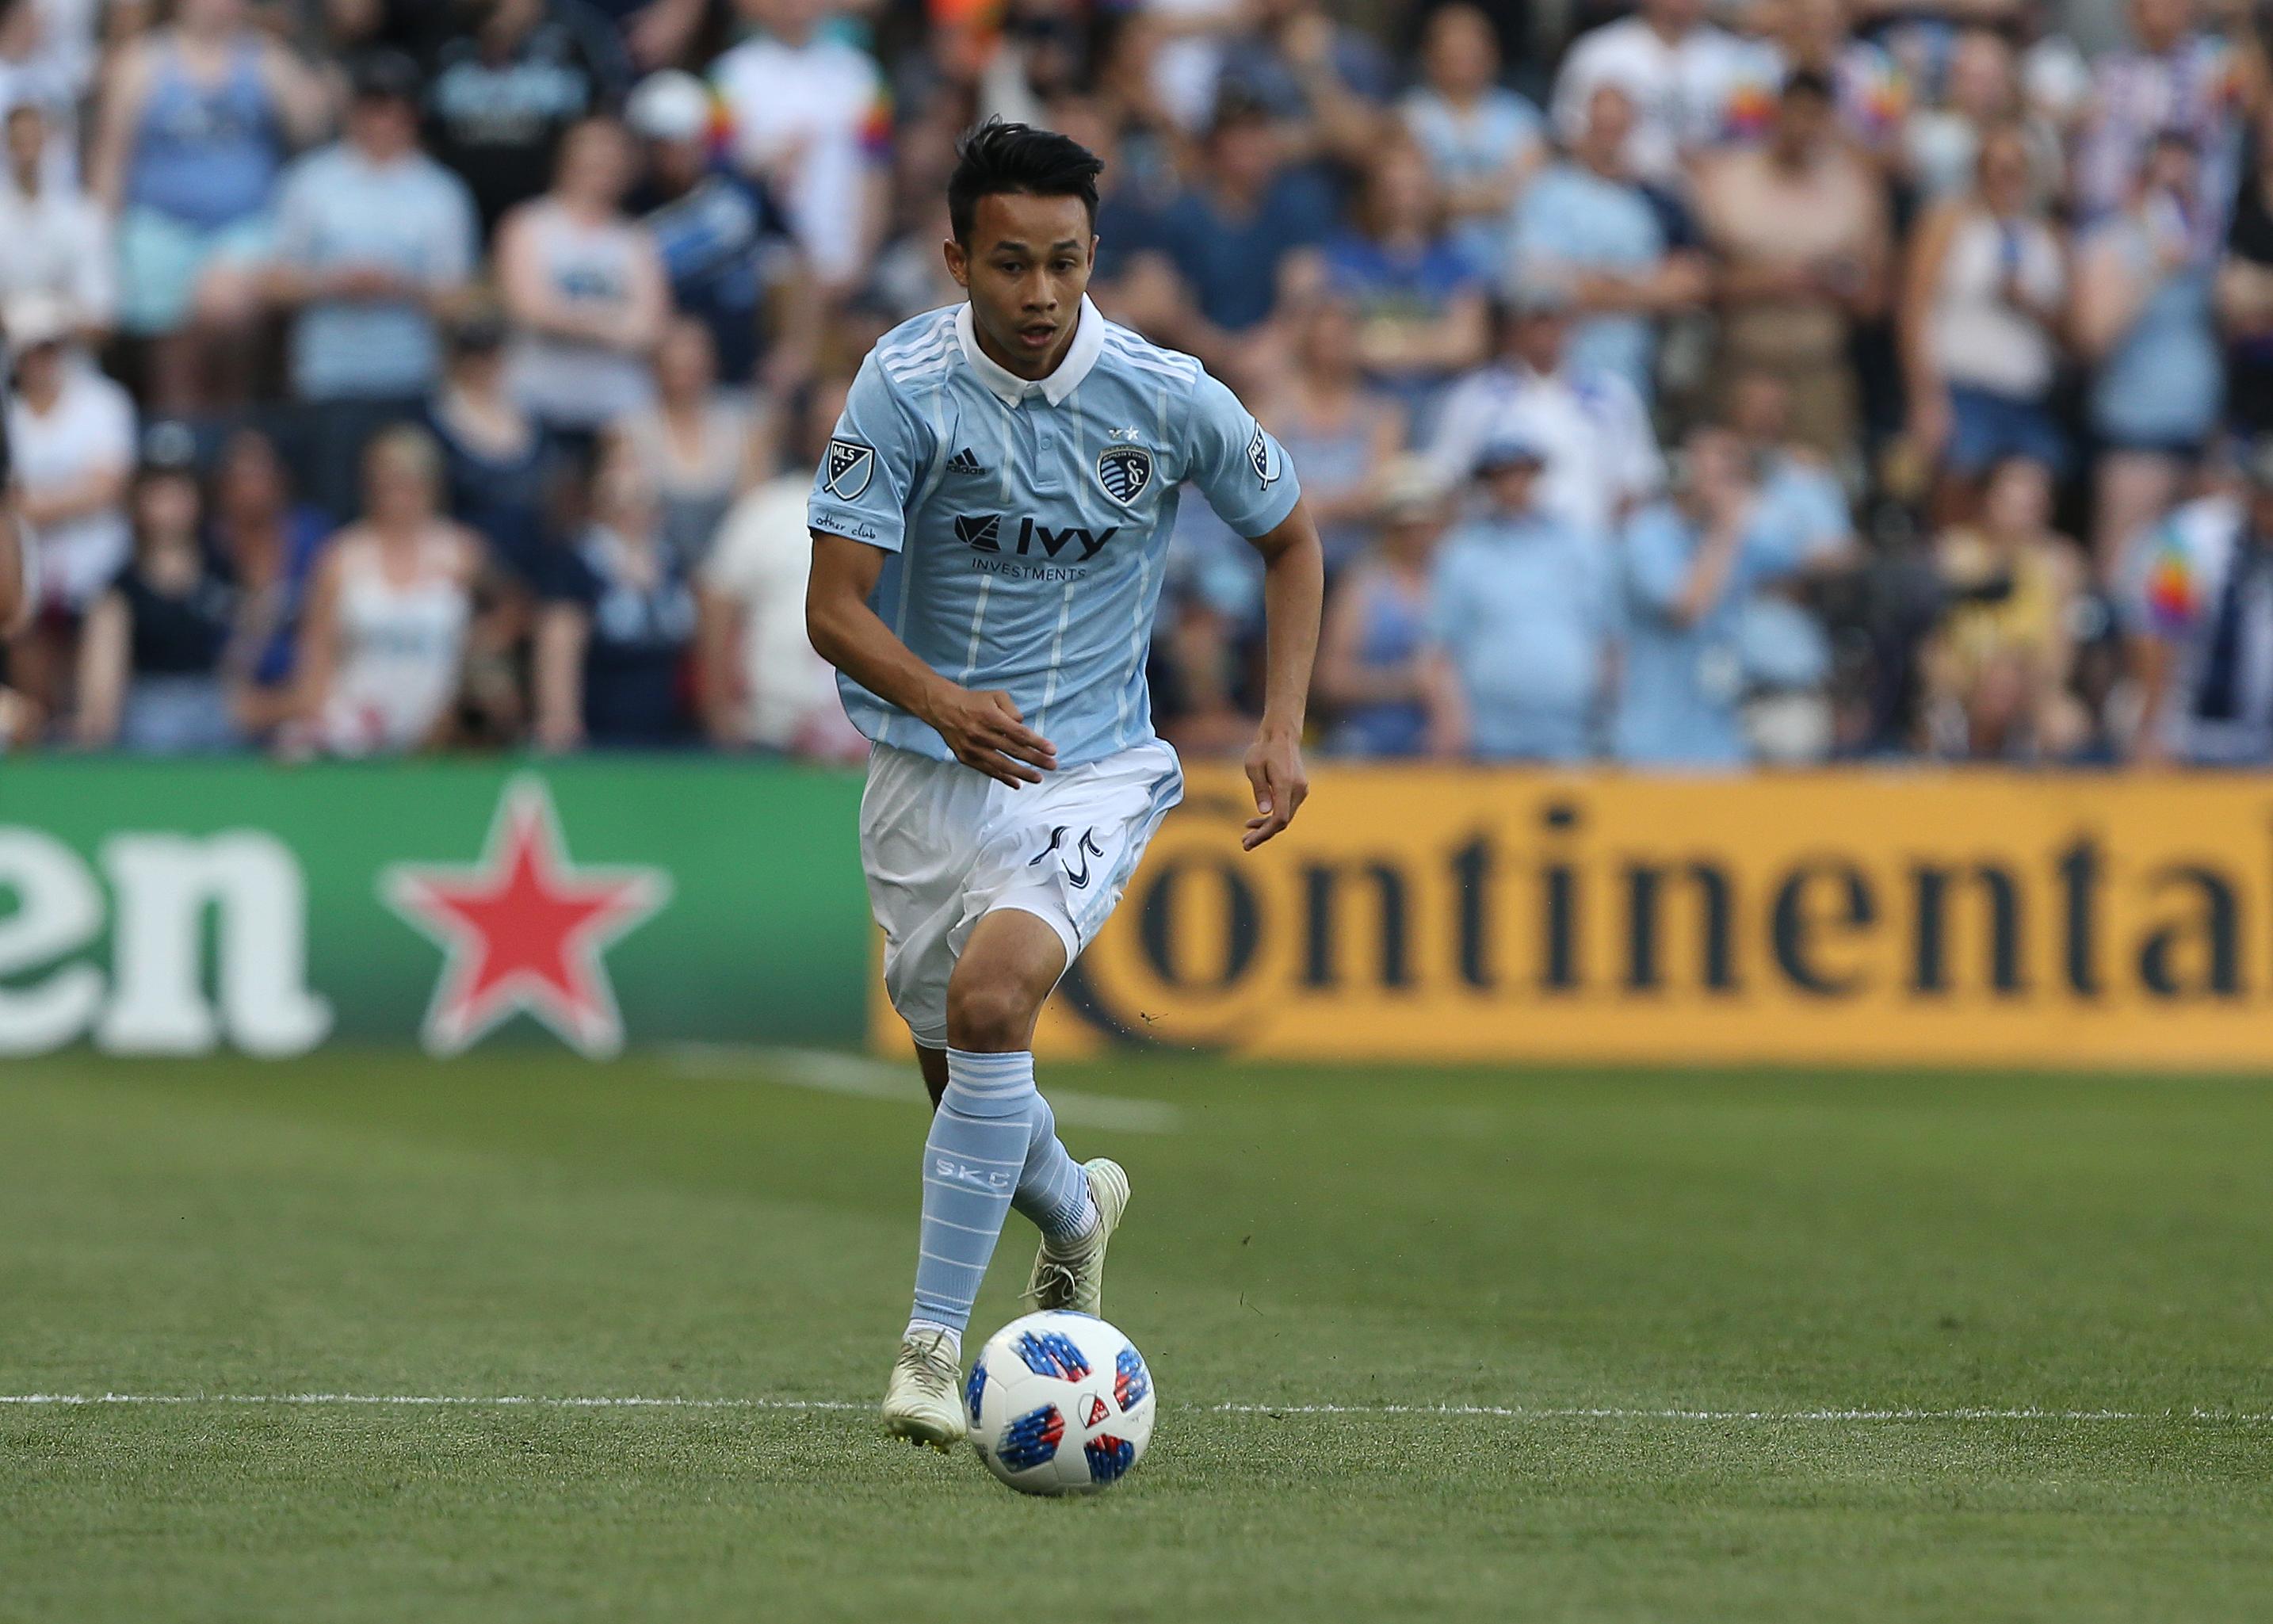 SOCCER: MAY 27 MLS - Columbus Crew at Sporting Kansas City